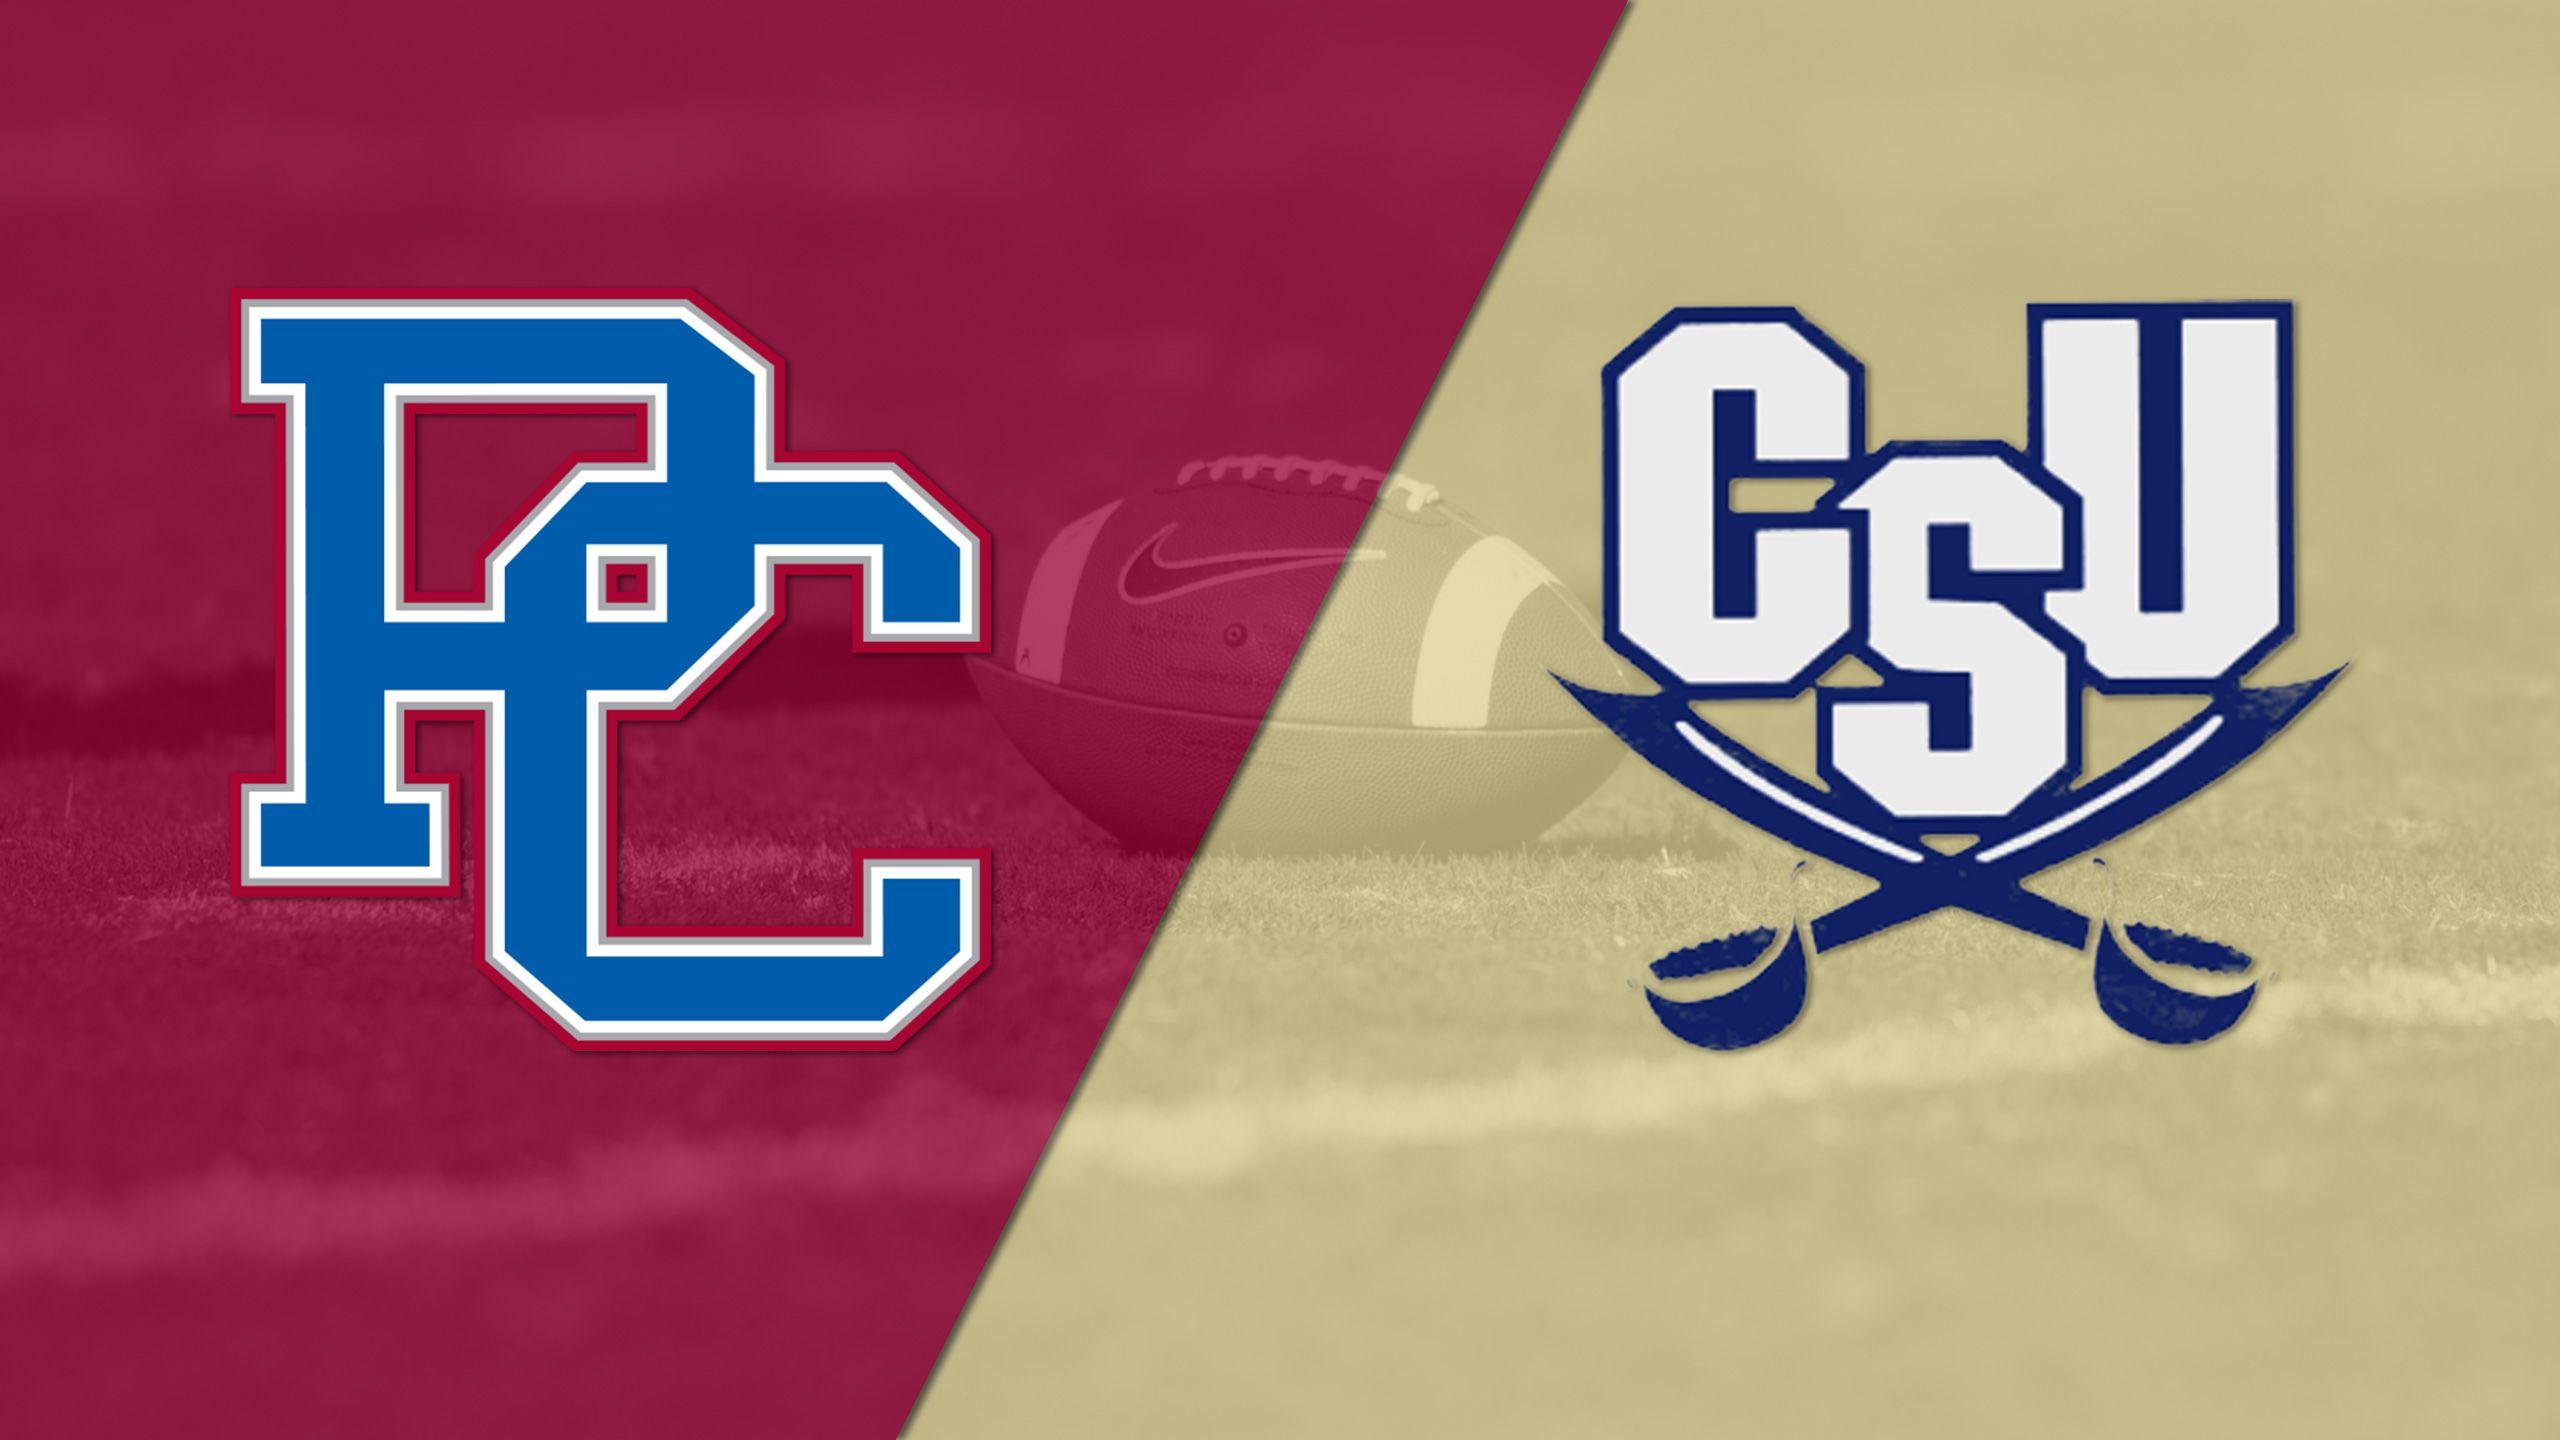 Presbyterian vs. Charleston Southern (Football)